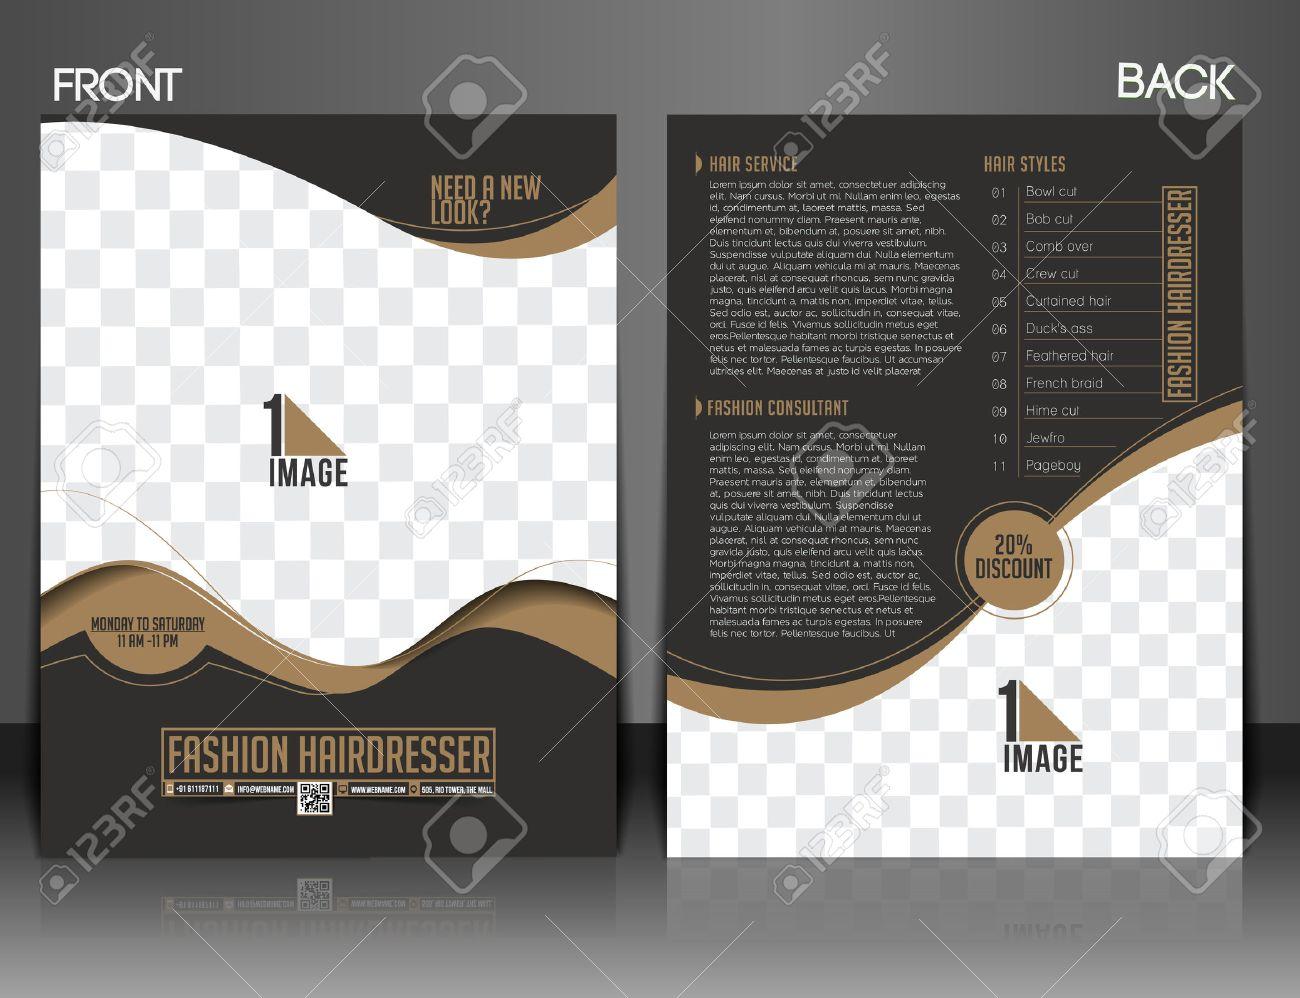 Fashion Hairdresser Front & Back Flyer & Poster Design. Stock Vector - 38330064